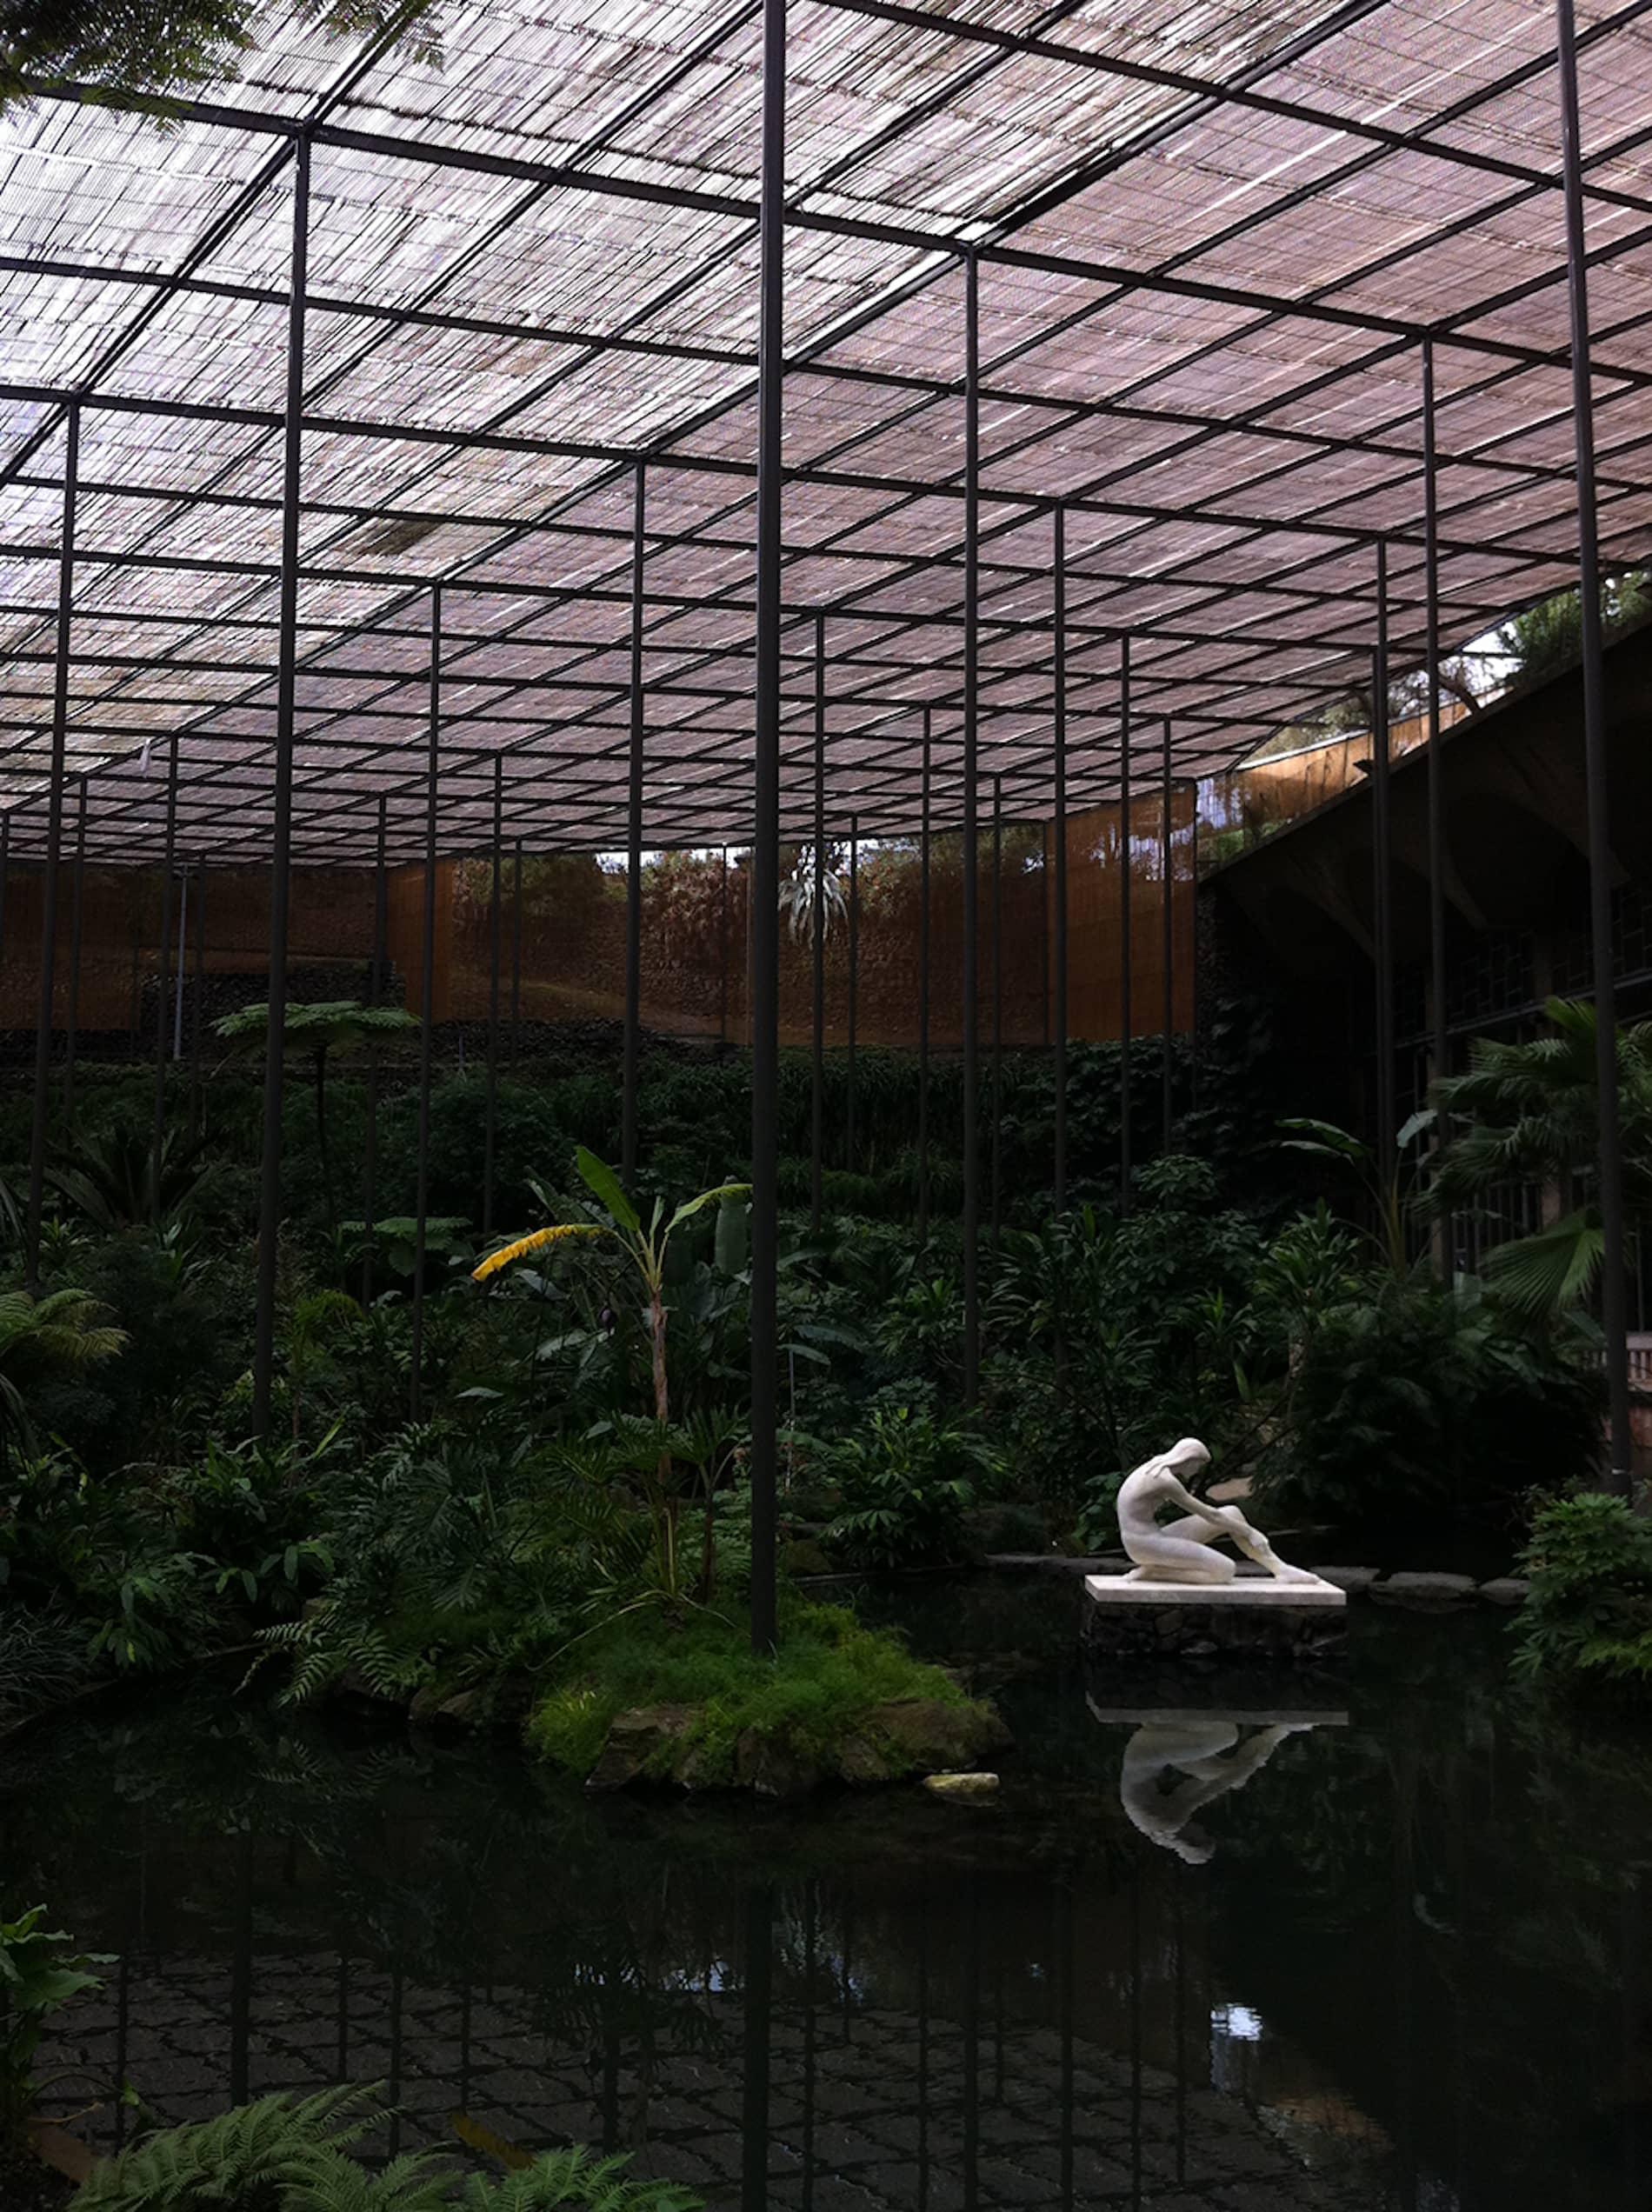 jardim-eduardo_vii-lisboa-12